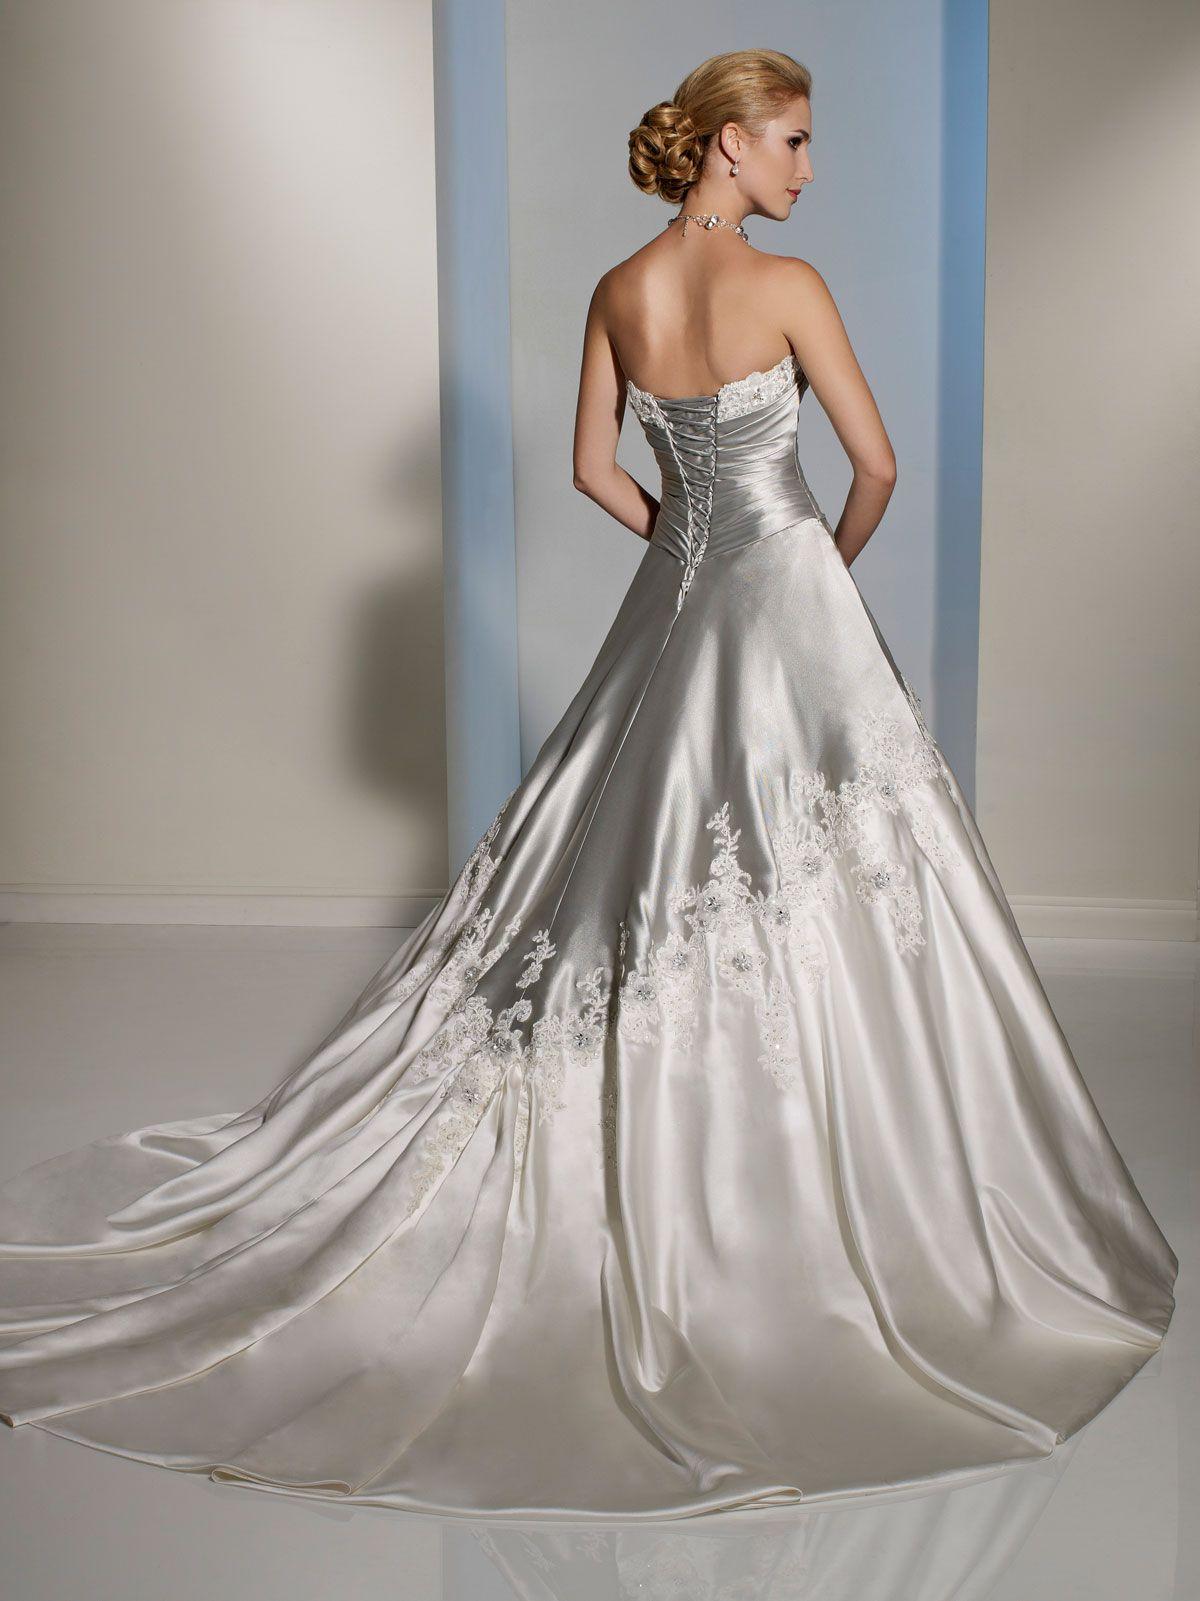 Unique Wedding Dresses With Color Accents Colored Wedding Dresses Wedding Dresses Silver Wedding Dress [ 1601 x 1200 Pixel ]